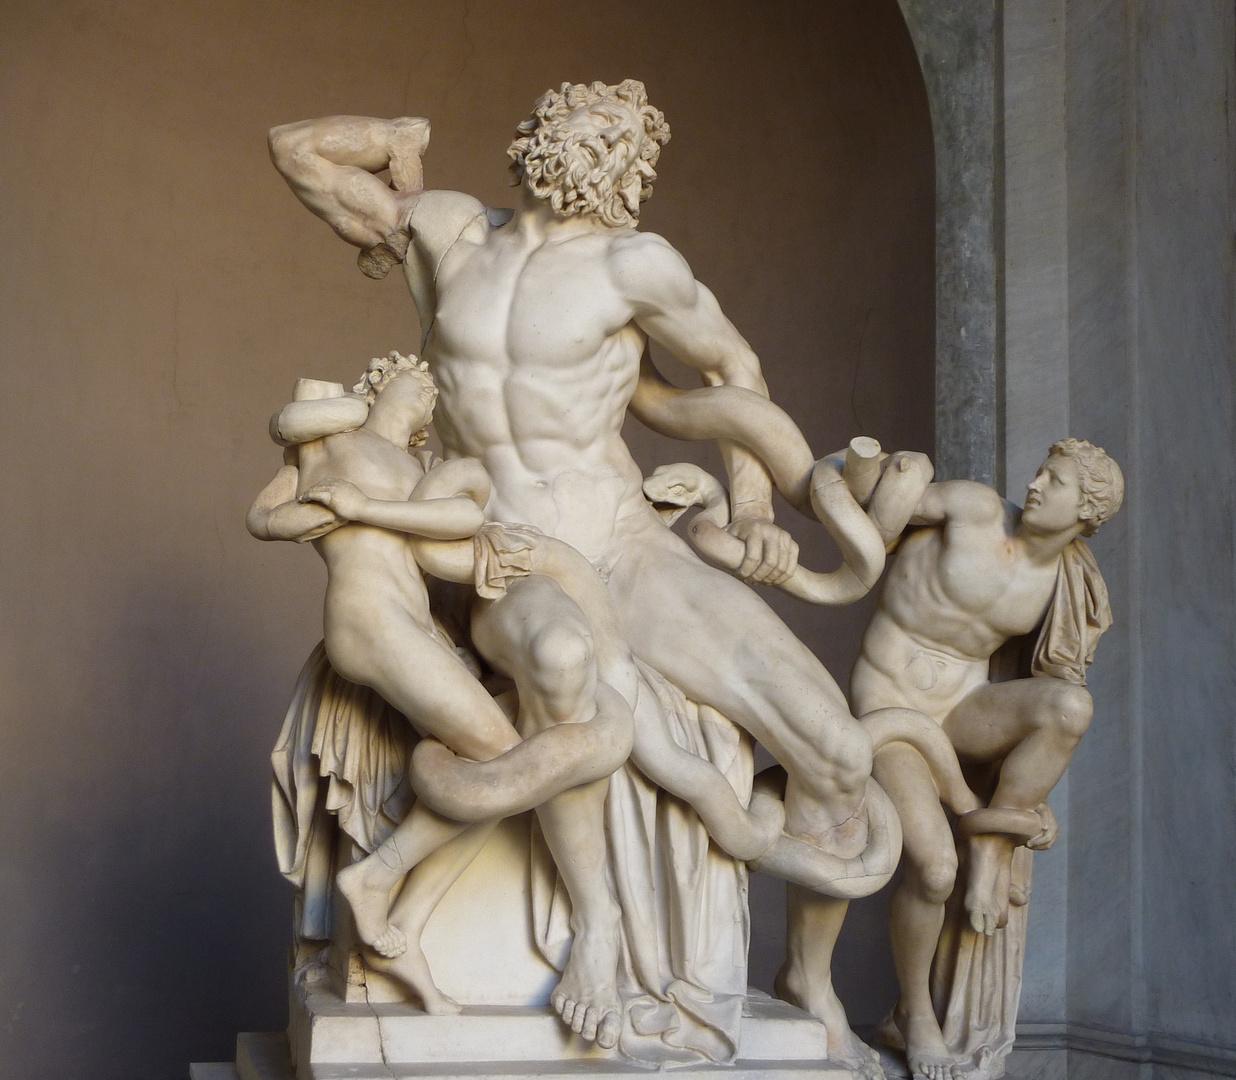 LAOCOONTE siglo I d.C.